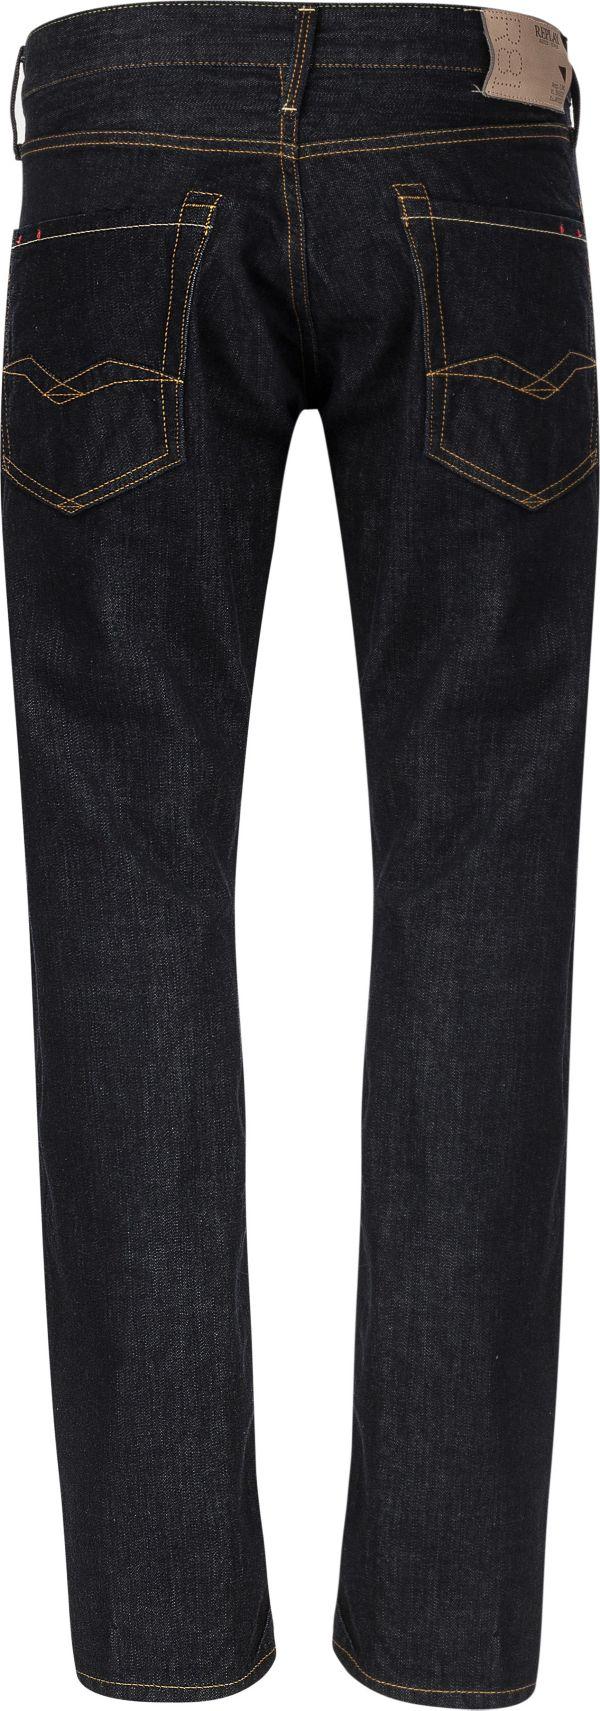 REPLAY-Herren-Jeans-Waitom-Slim-Finish-Denim-Laenge-32-vers-Groessen-Hosen-Hose